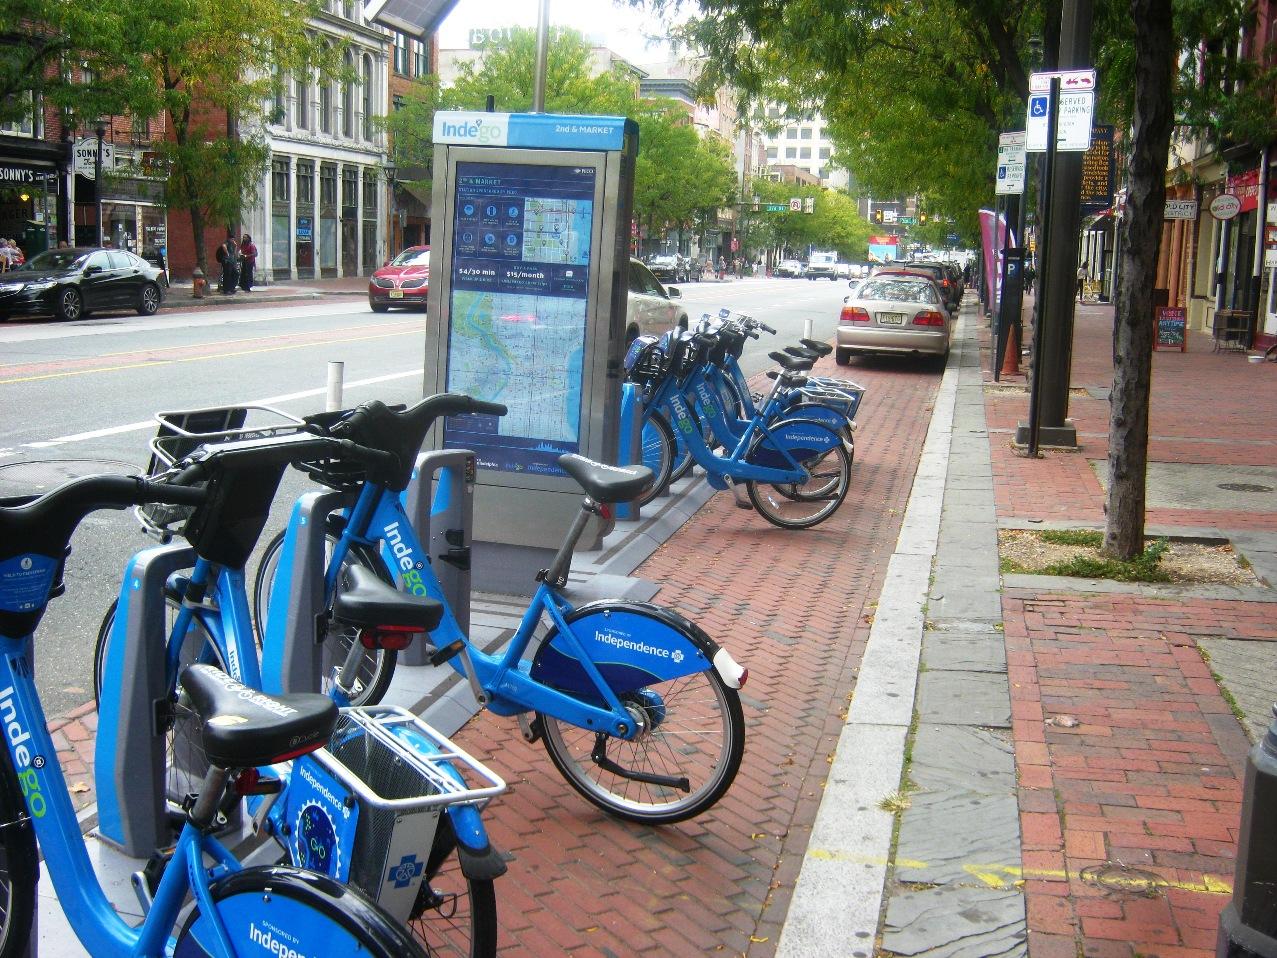 フィラデルフィアの貸自転車Indegoプログラム。